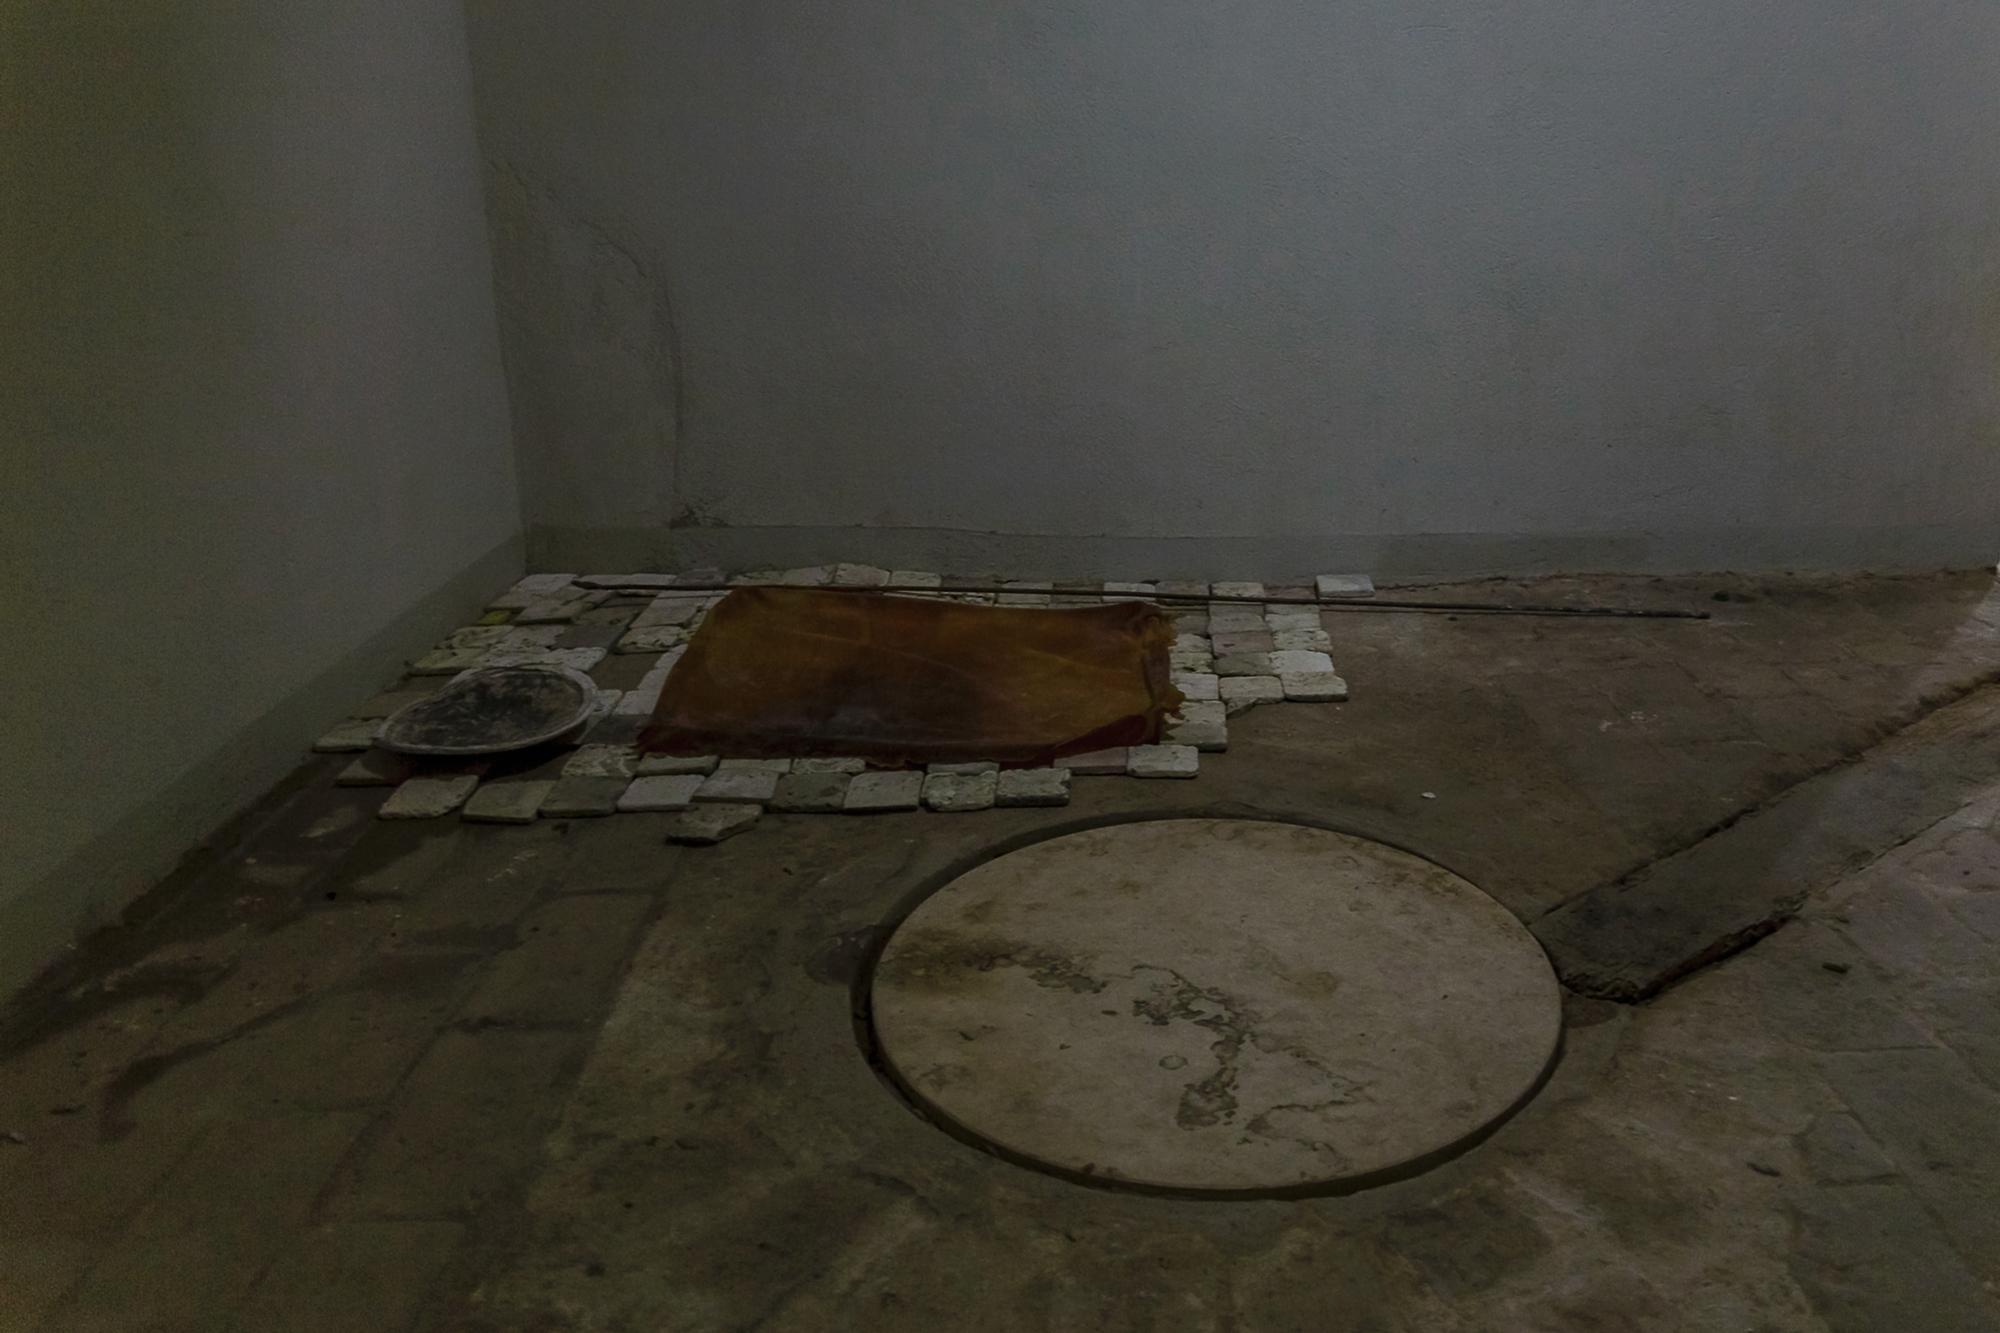 il chiaritoio , Silicone rubber, tin lid, motor oil, travertine tiles